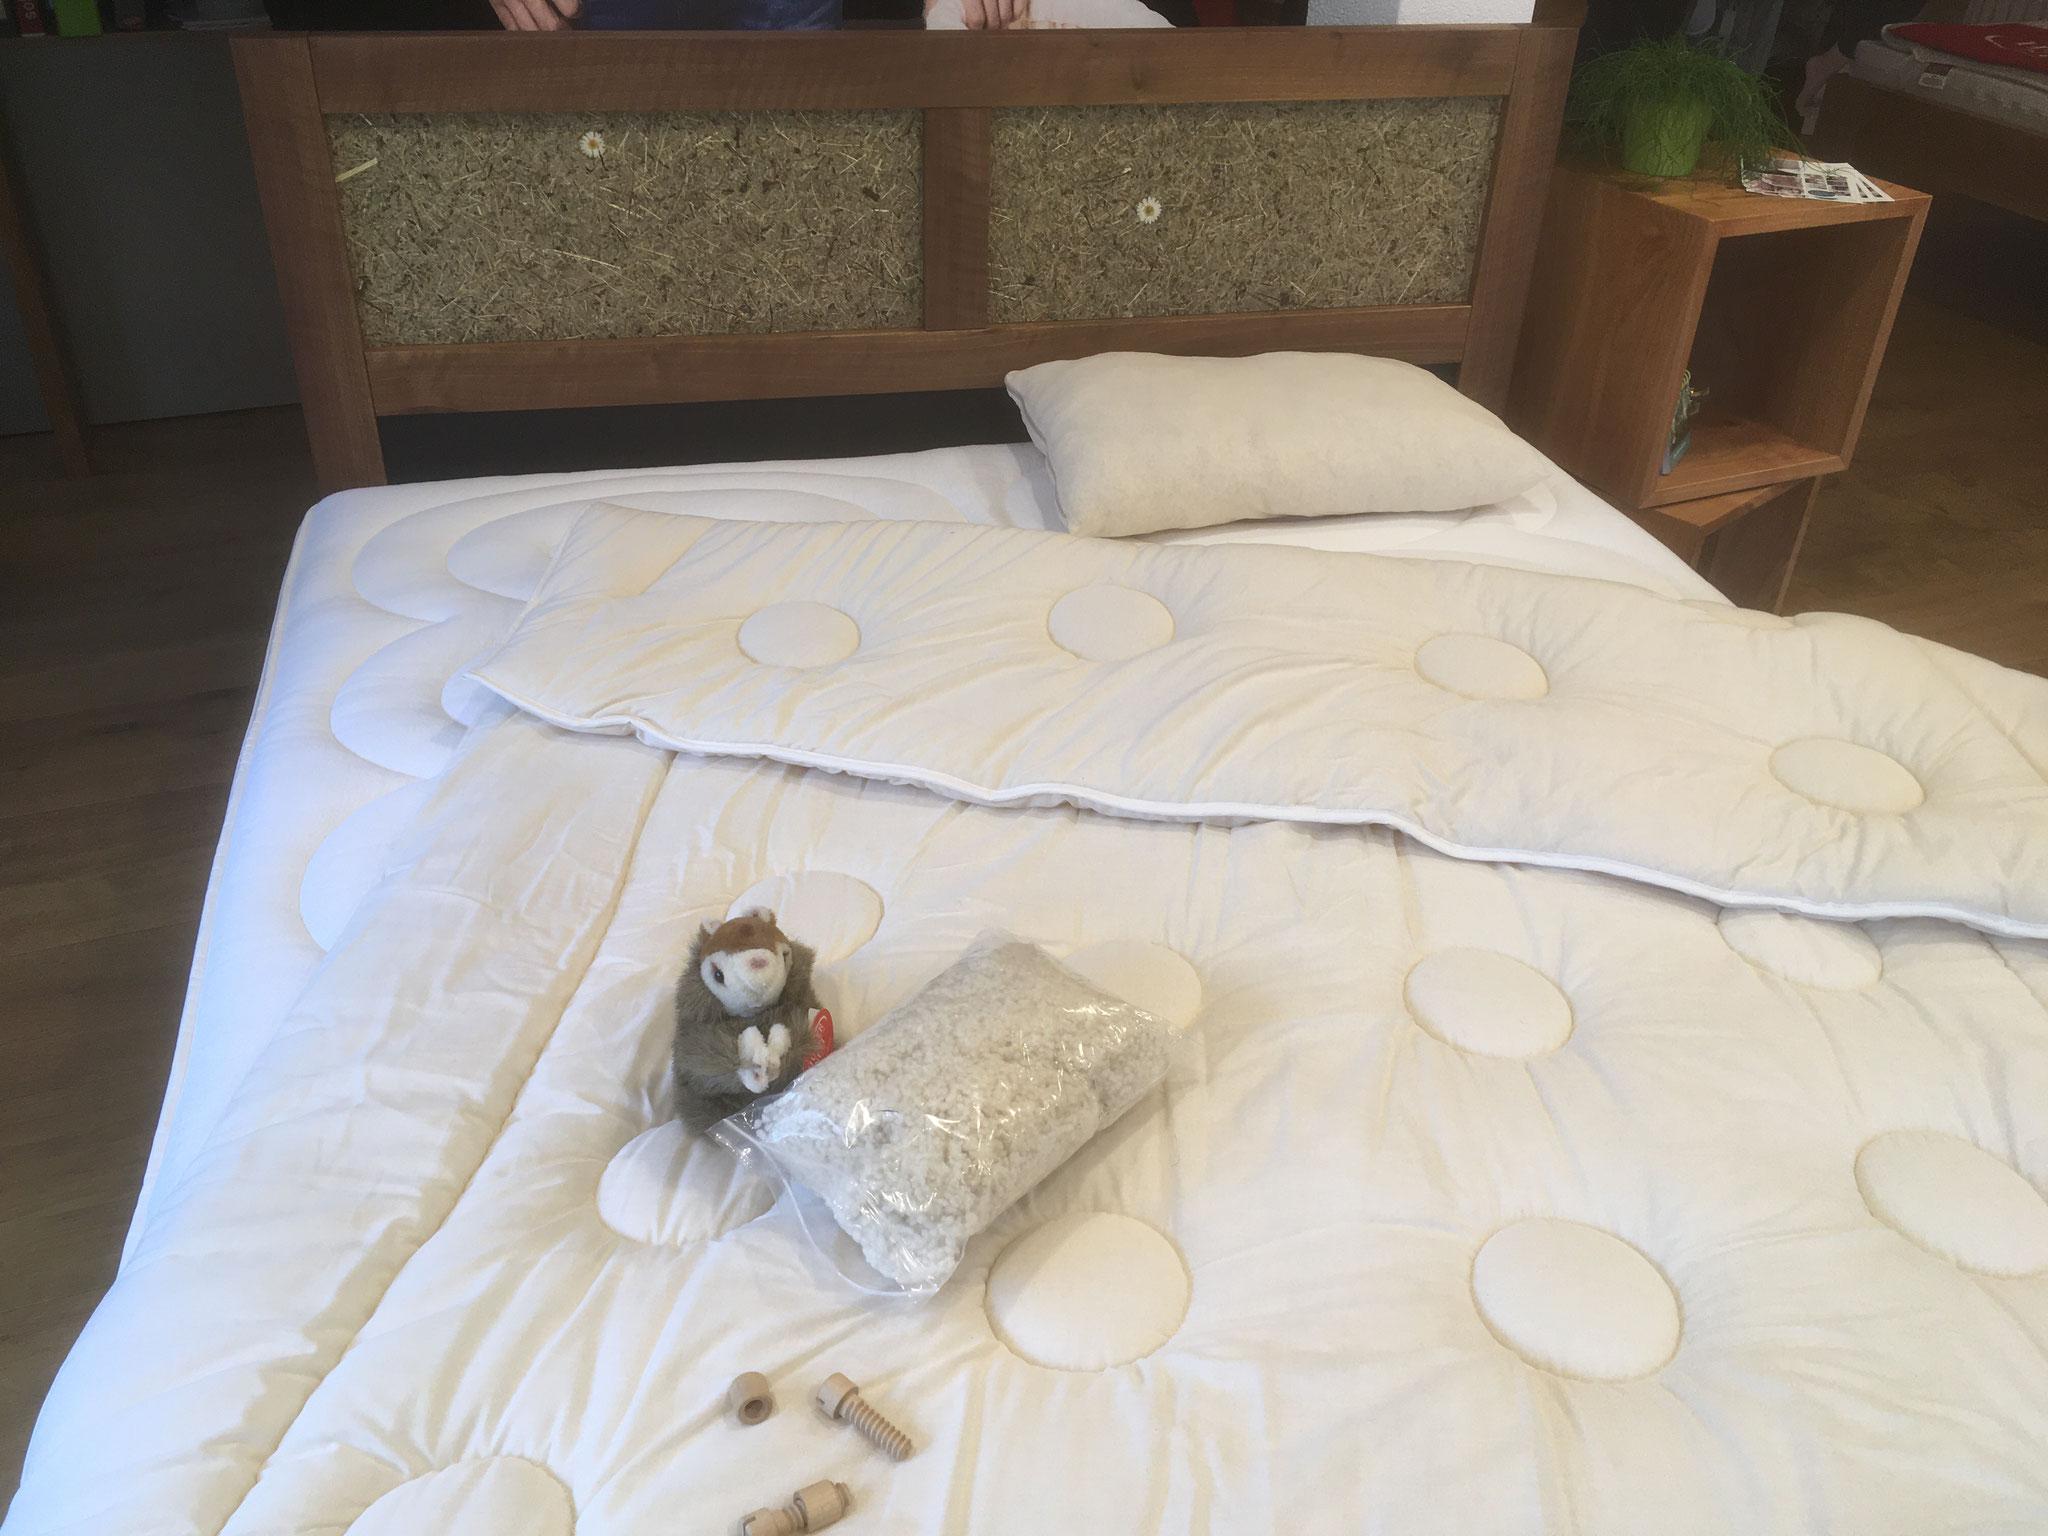 Nussbaum Bett mit echtem Heu, ohne Metall - natürlich